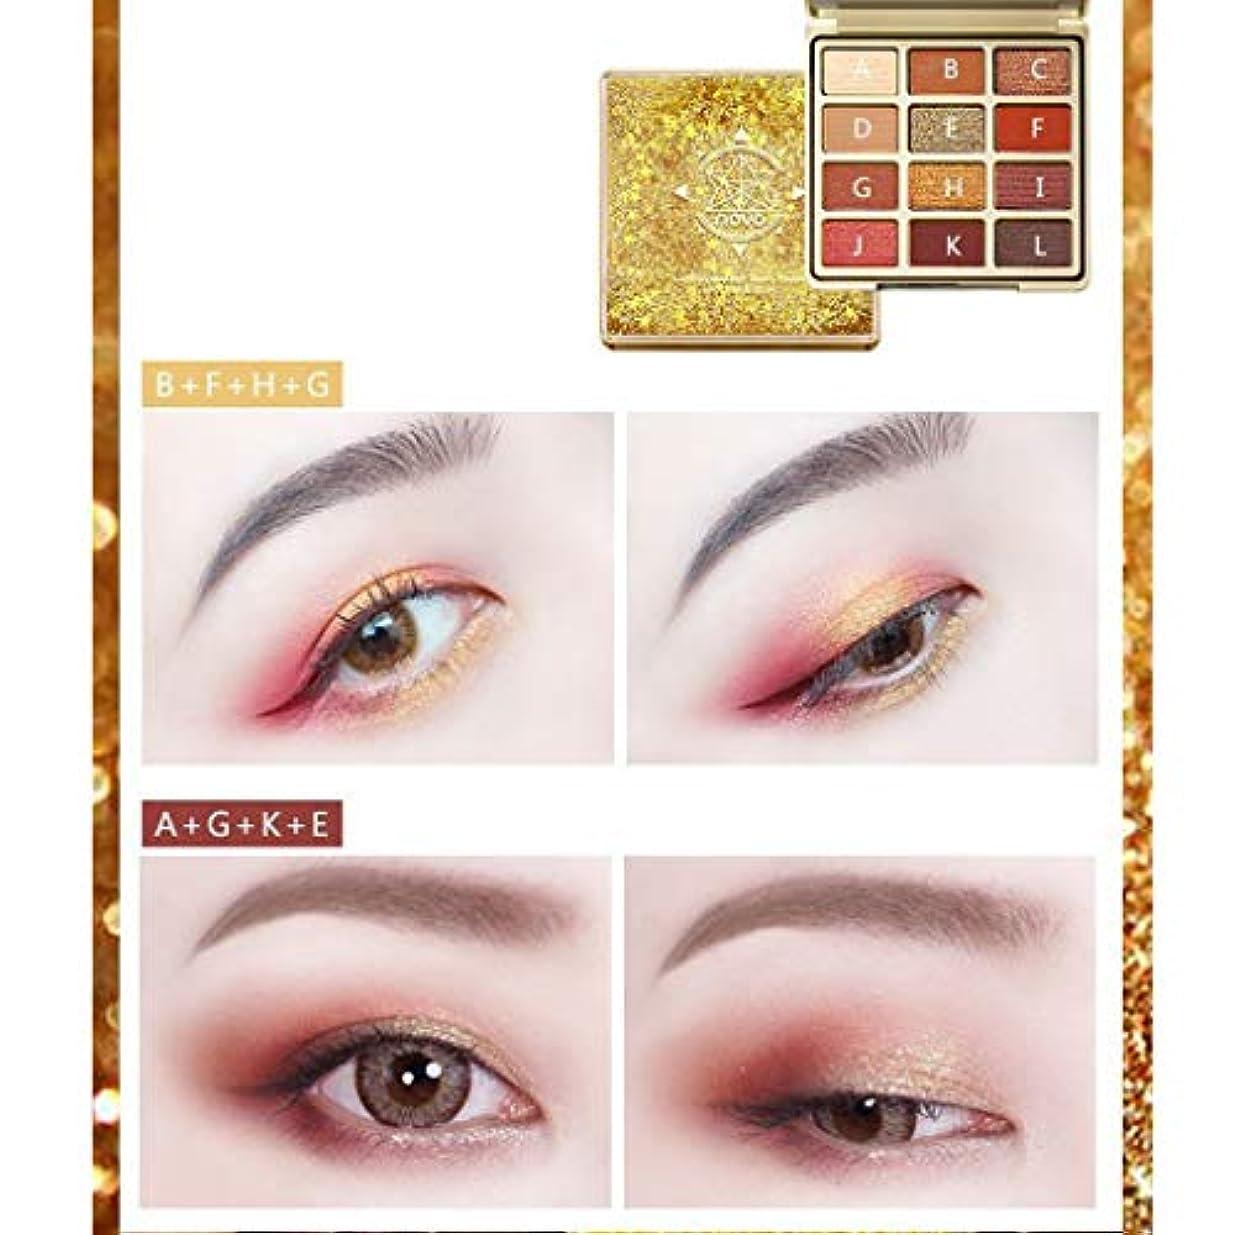 コロニー手紙を書くフォークAkane アイシャドウパレット Novo ファッション INS 人気 超綺麗 美しい キラキラ 優雅な 防水 魅力的 高級 可愛い 持ち便利 日常 Eye Shadow (12色) 103